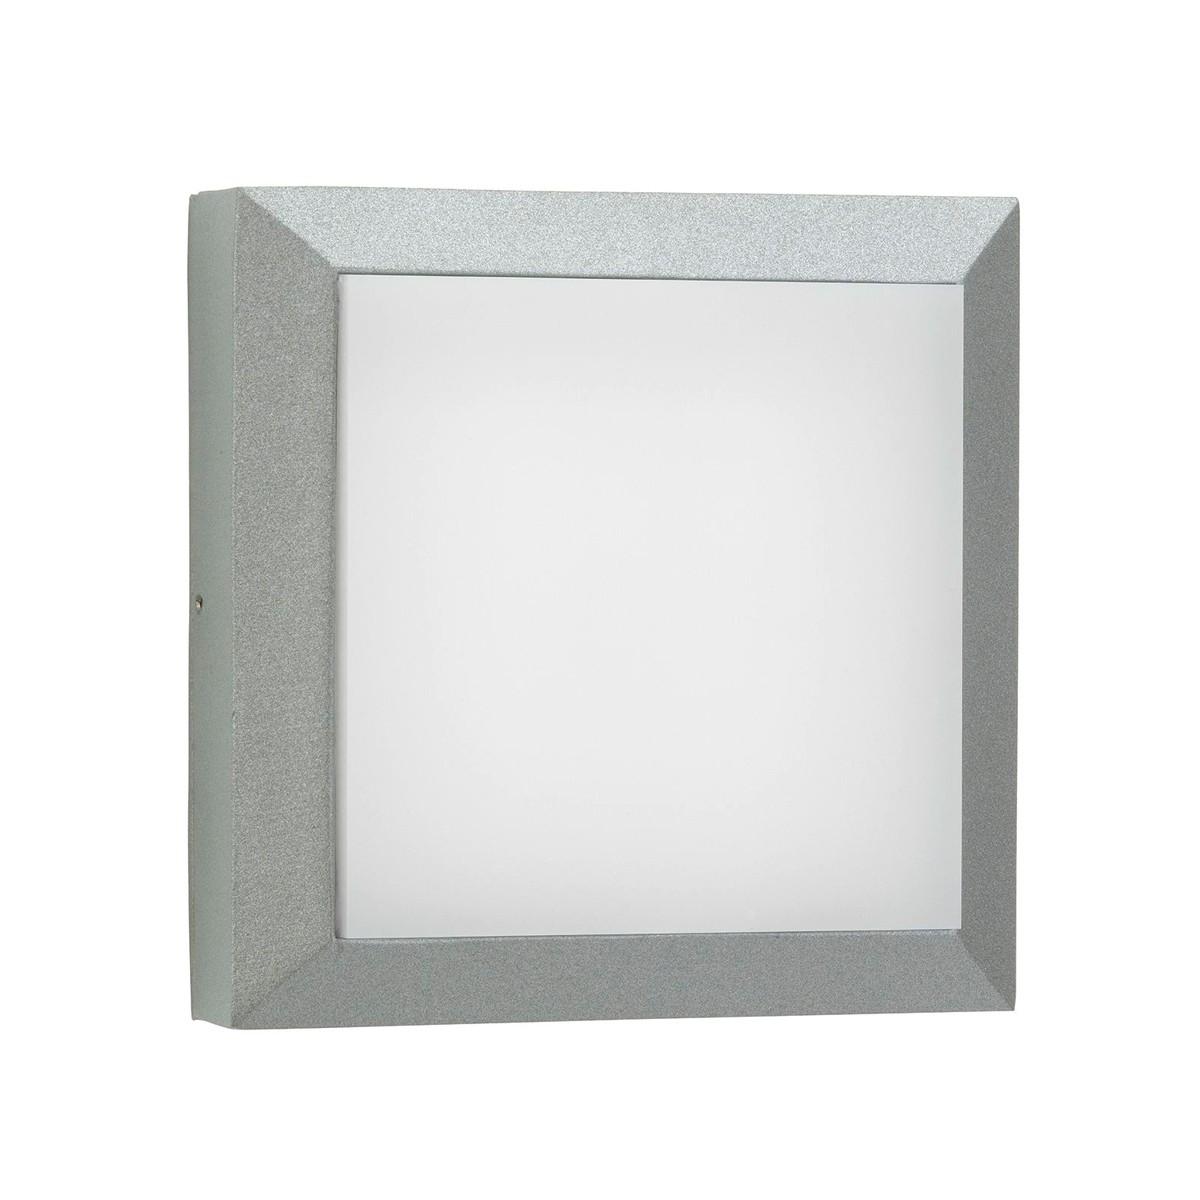 Albert 6561 LED Wand- / Deckenleuchte, Silber